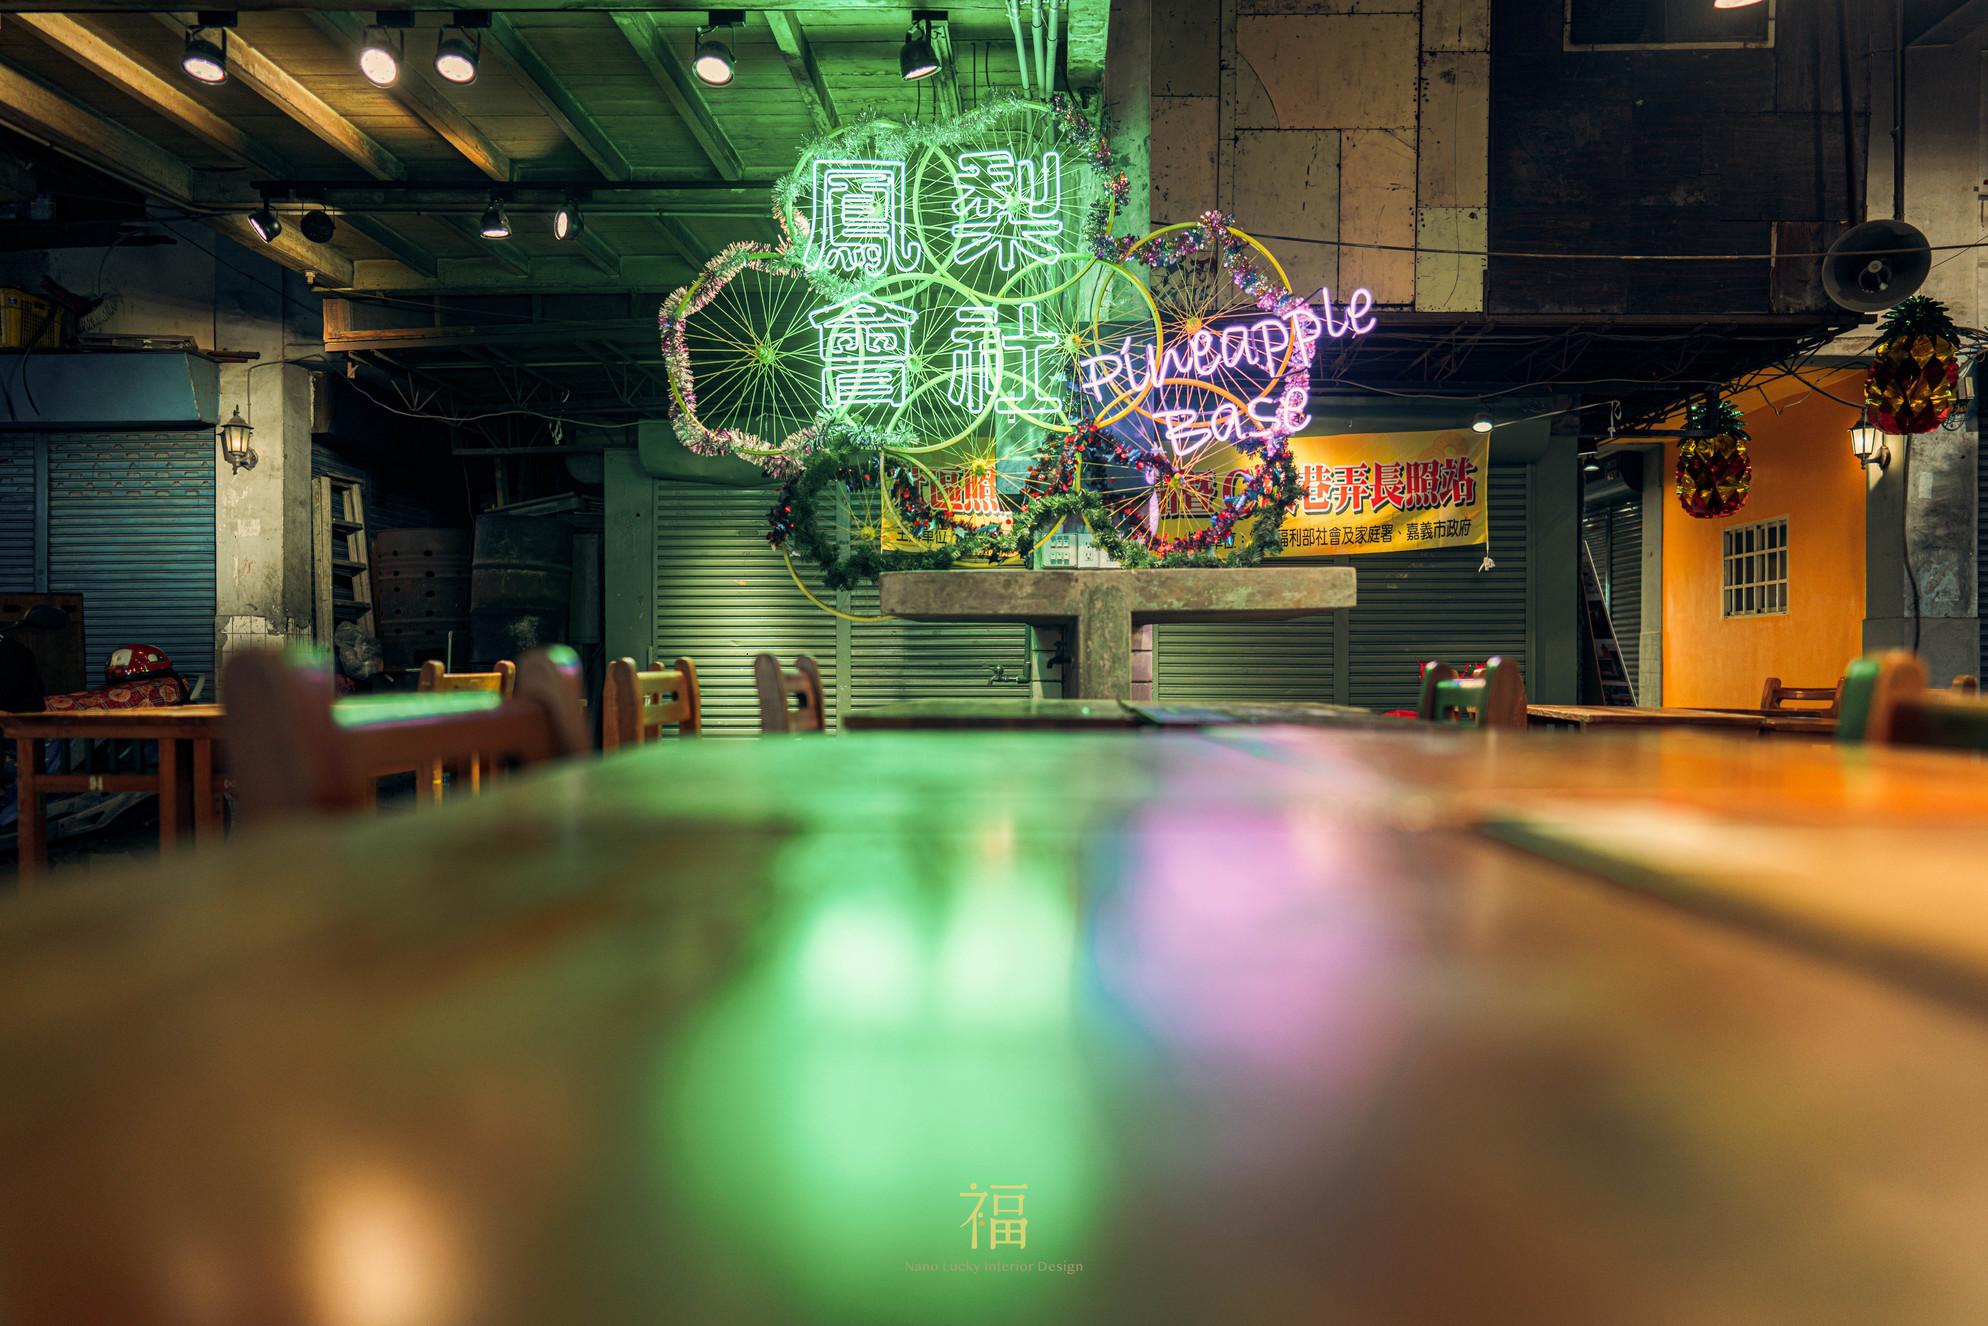 鳳梨會社5點0-鳳梨會社招牌霓虹燈|小福砌社區空間規劃設計